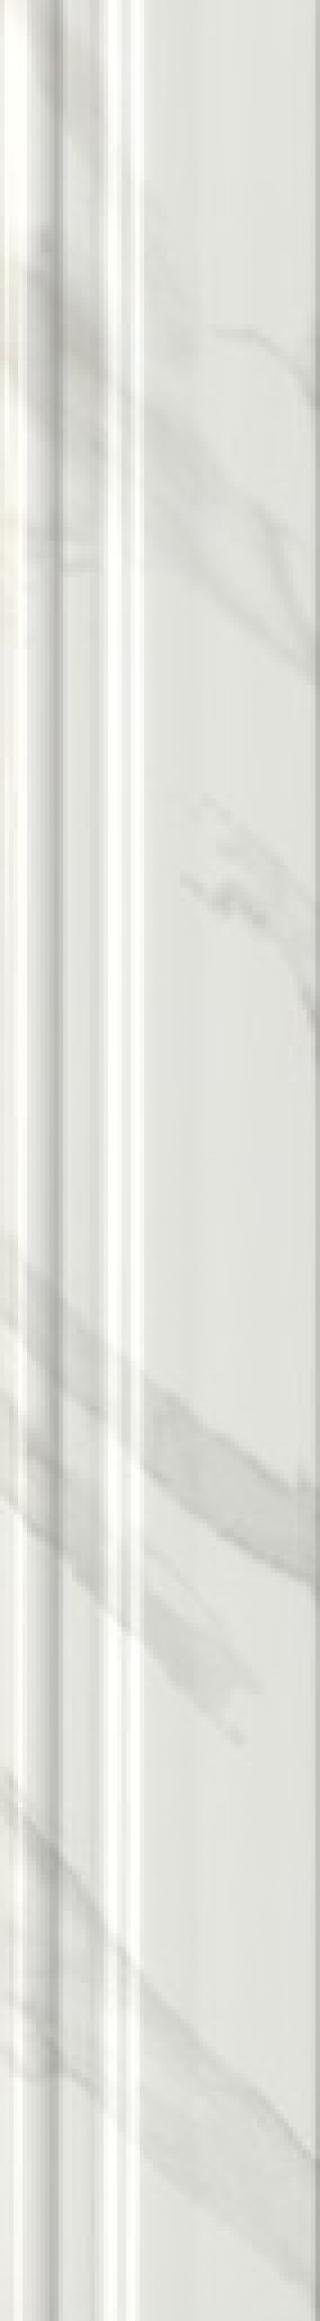 Bombáto Kale Calacatta white 12,5x90 cm lesk 3643 bílá white